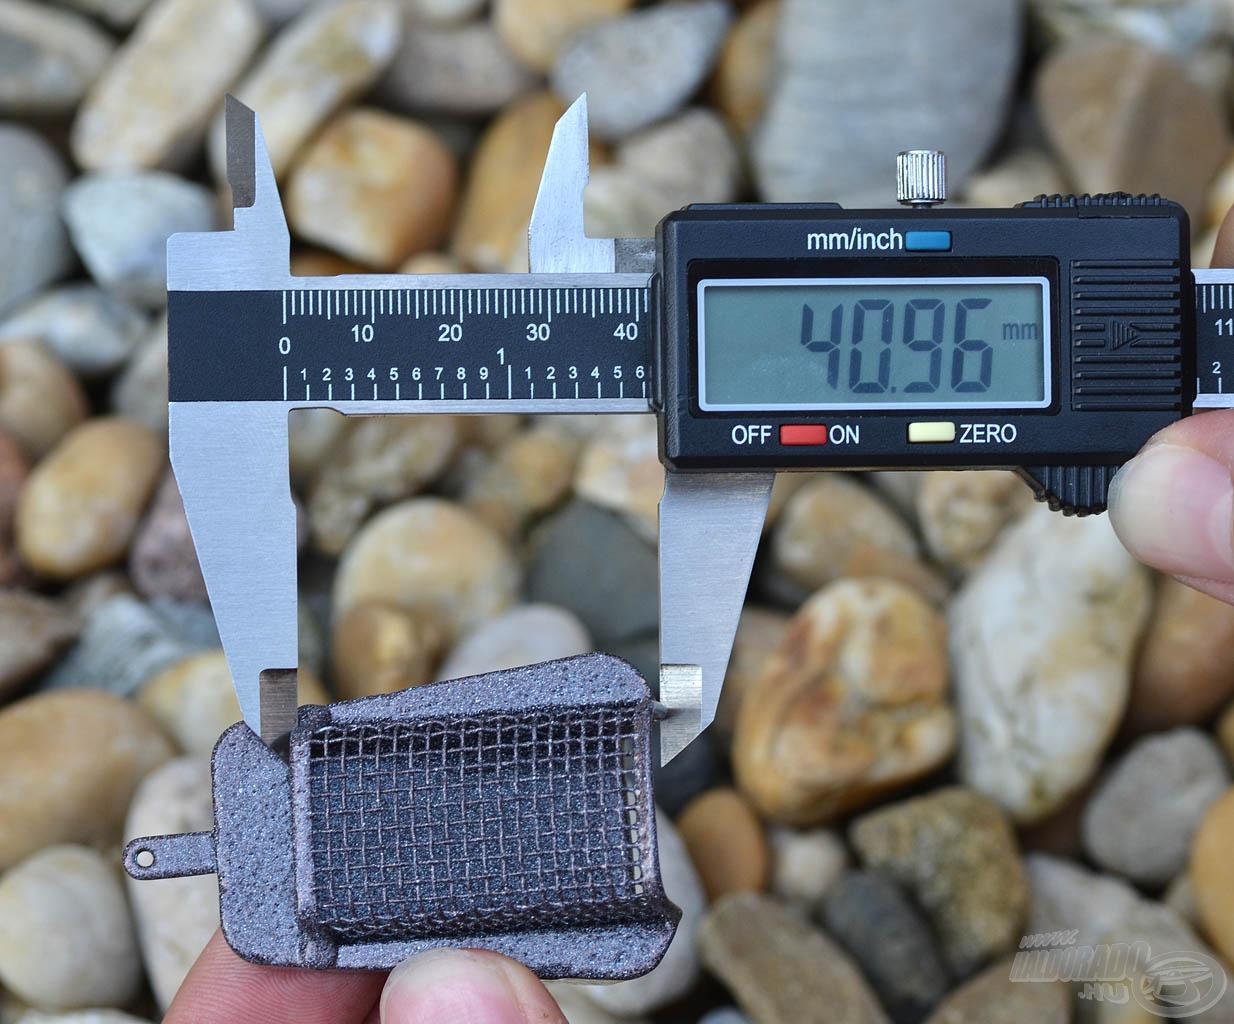 … míg hosszúsága 41 mm